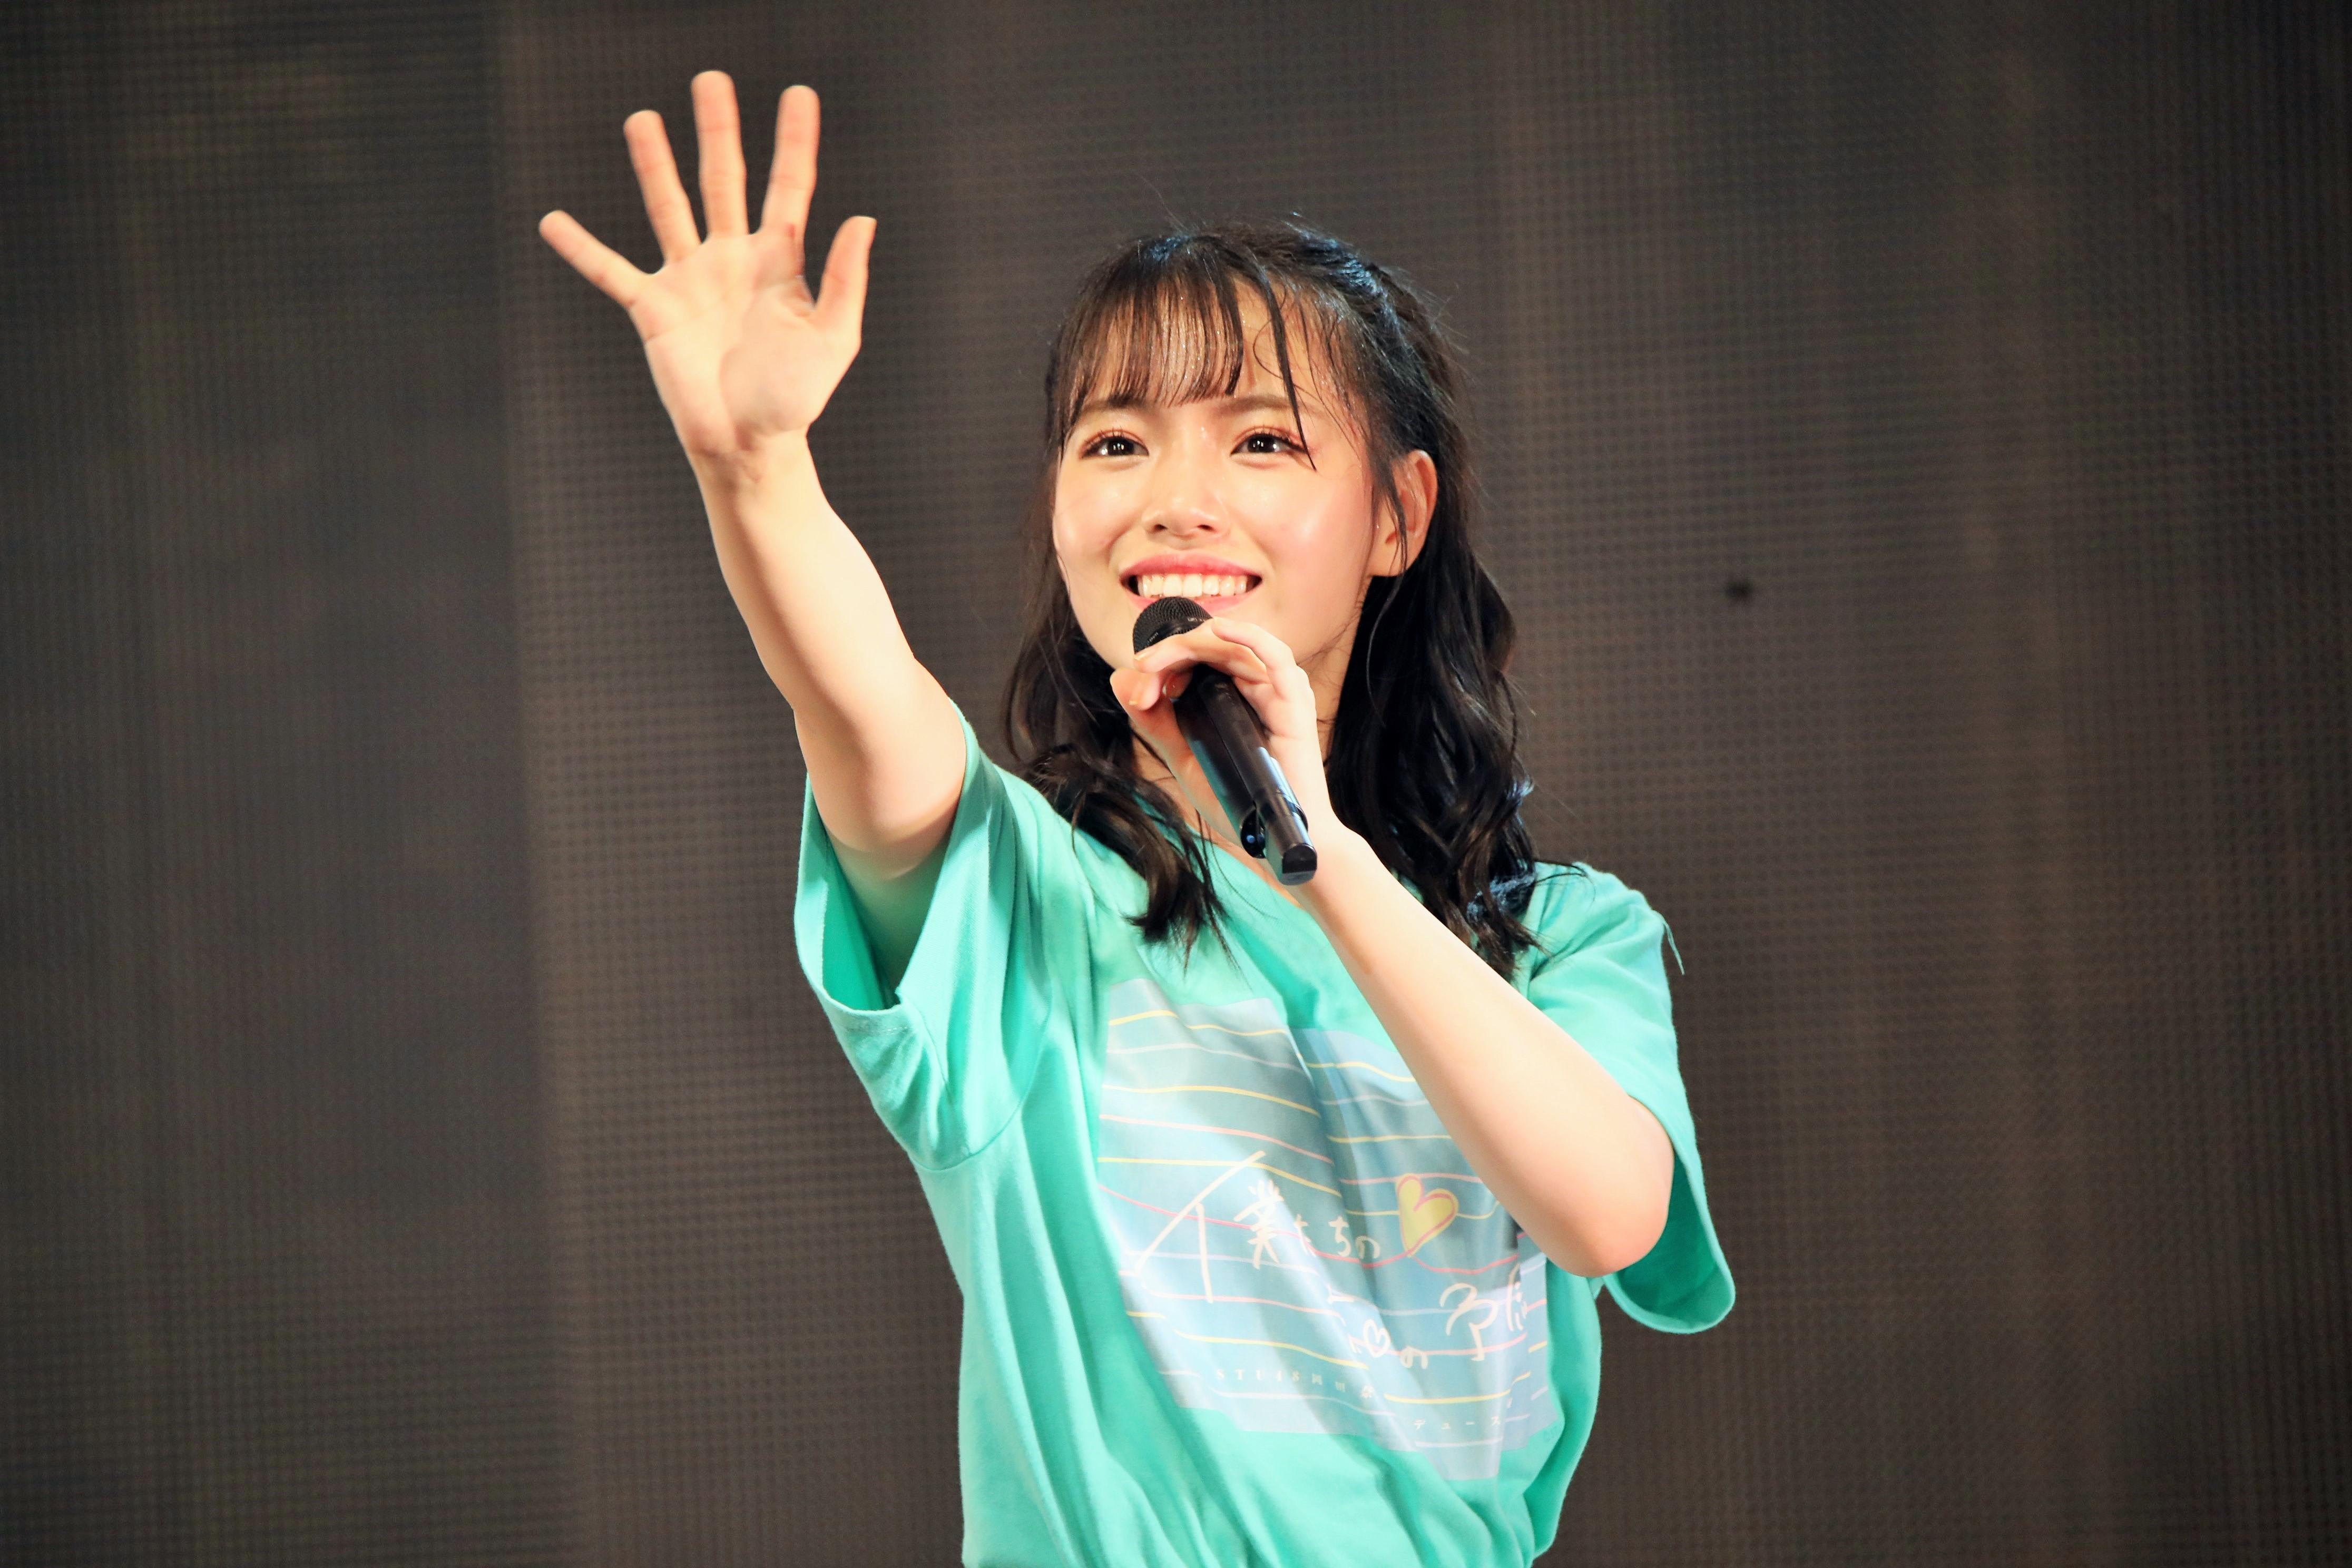 ファンに手を振るSTU48岩田陽菜